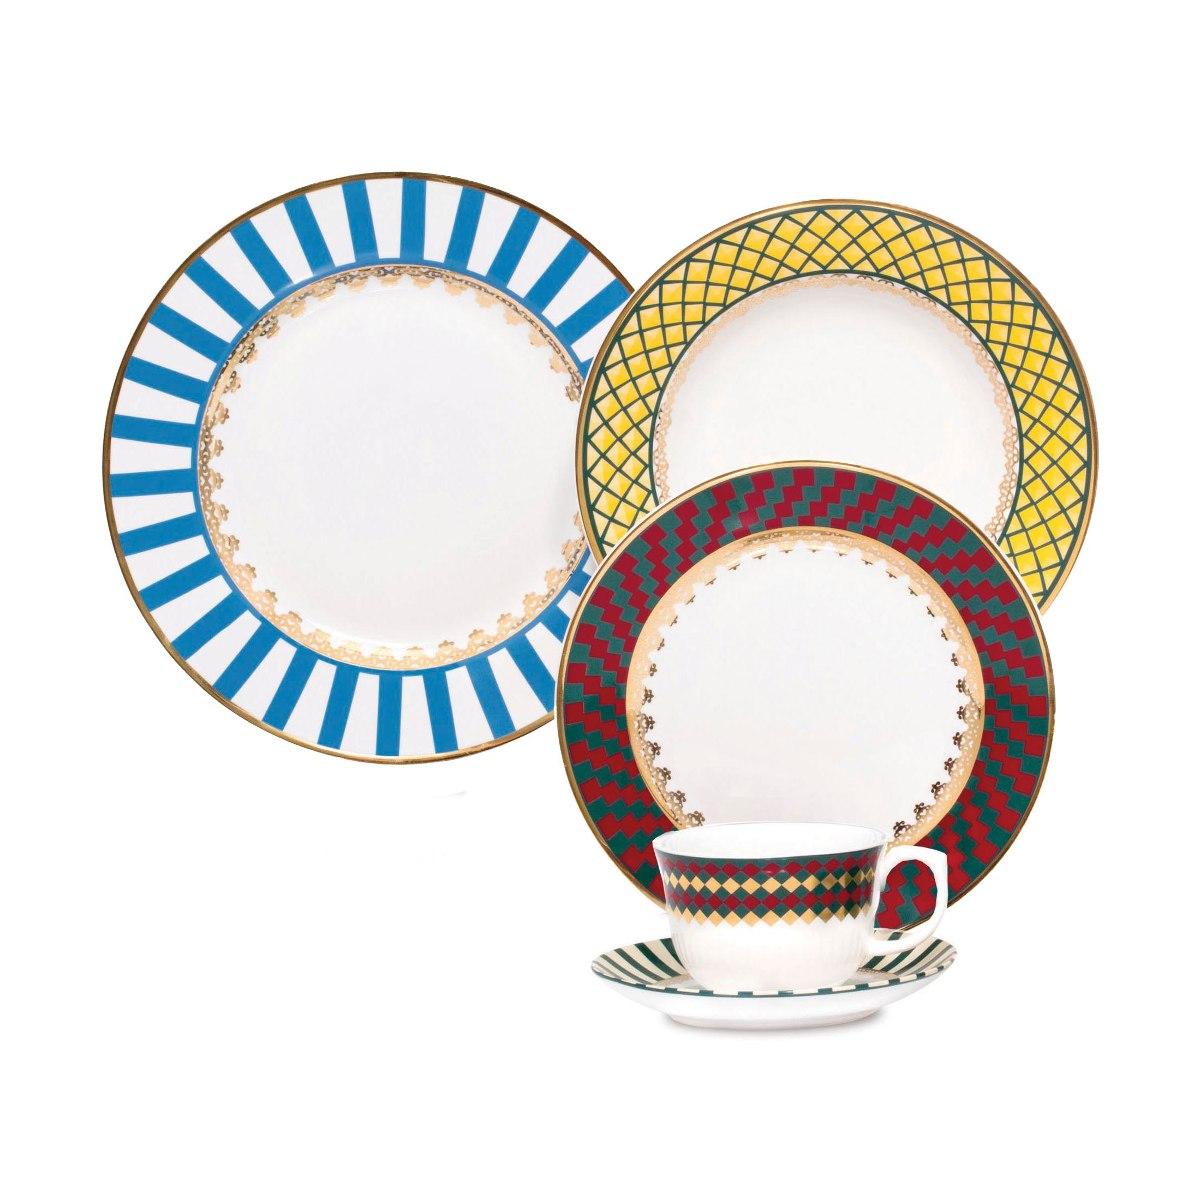 Aparelho De Jantar Flamingo São Basilio Oxford Porcelana 20 R$ 604  #C19E0A 1200x1200